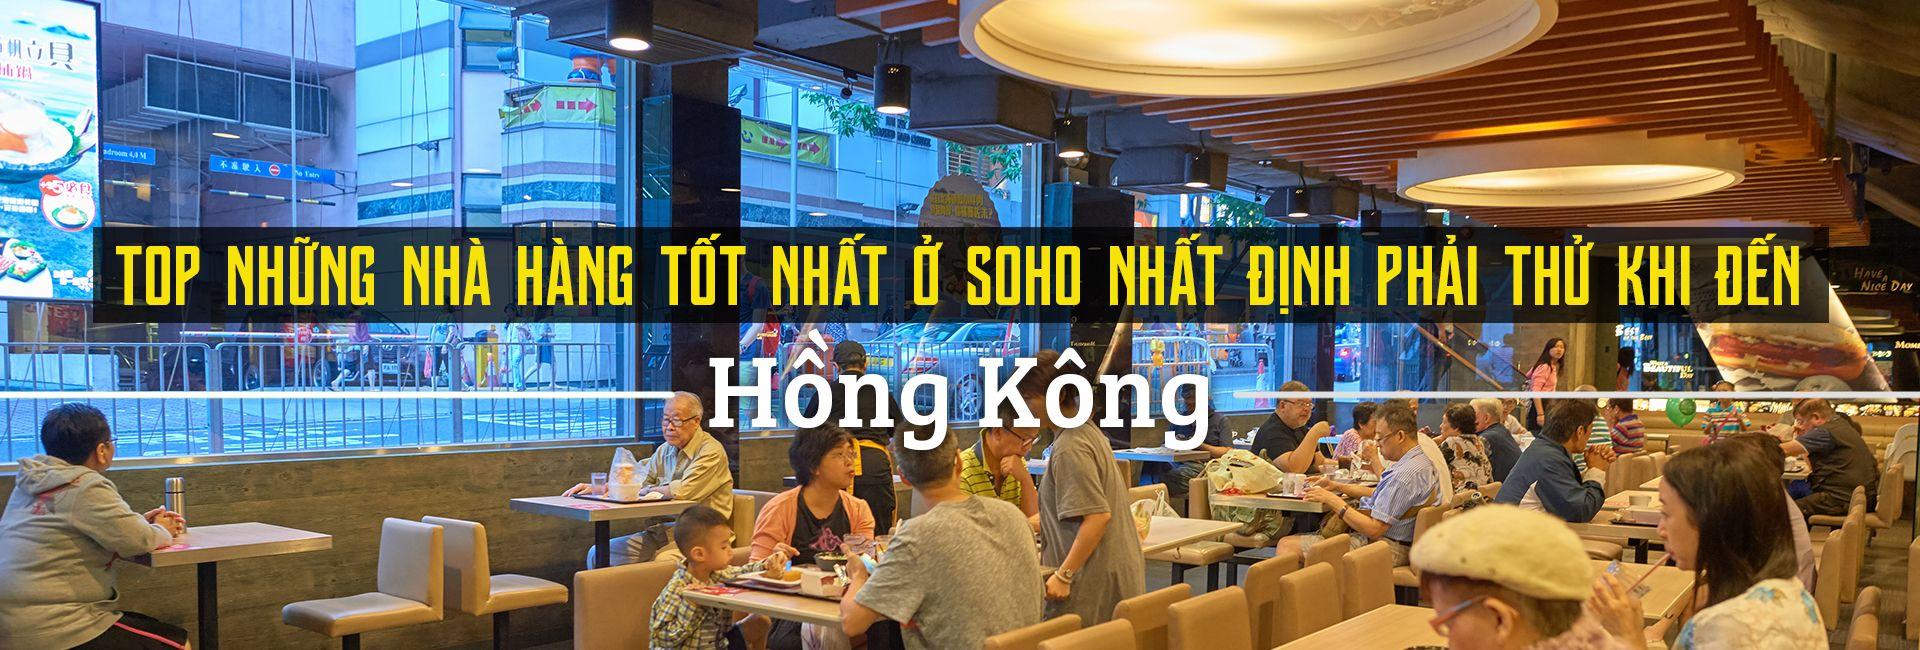 Top 10 nhà hàng ngon nhất ở Soho, Hồng Kông